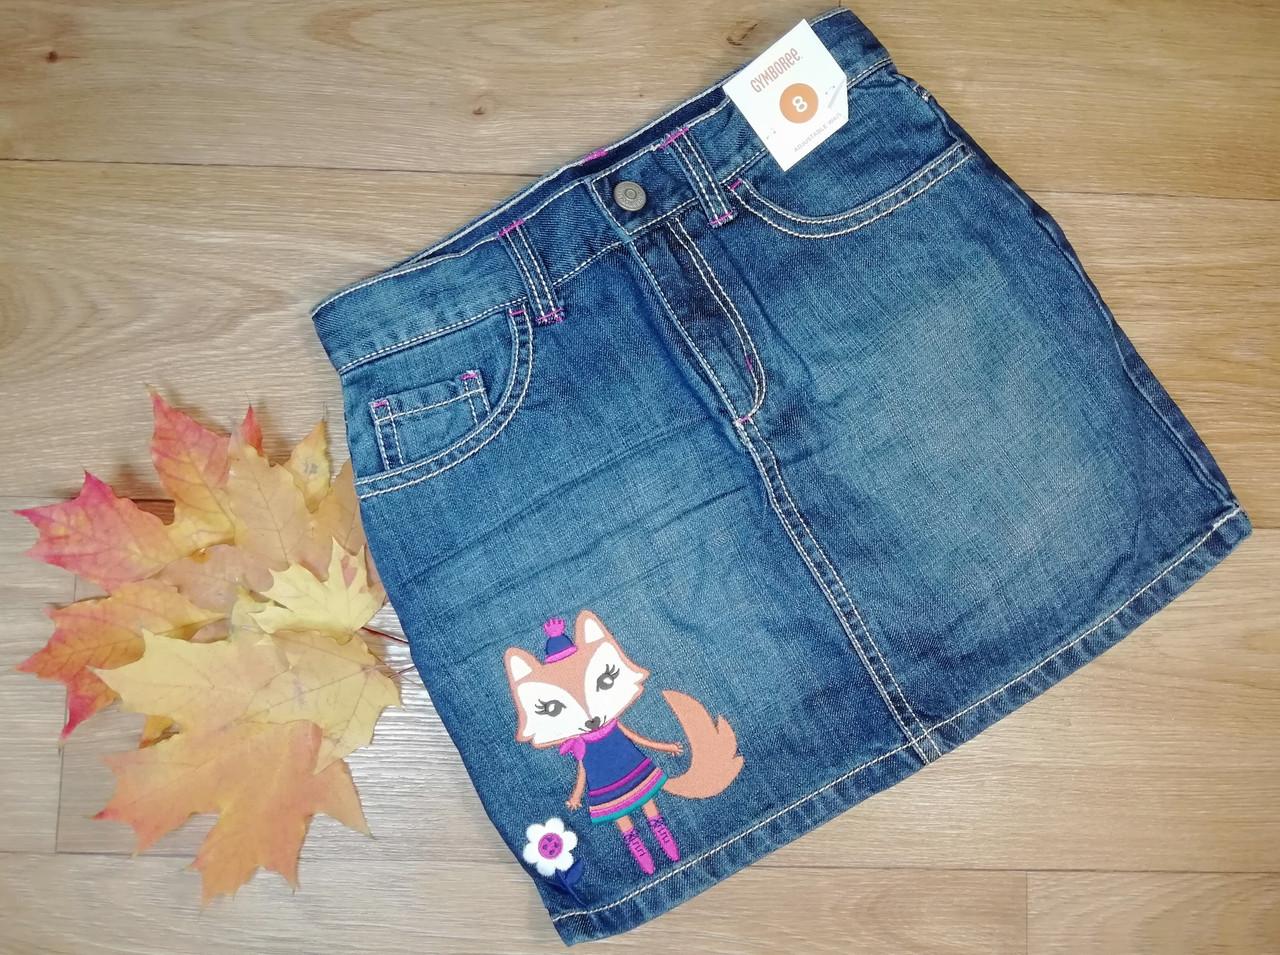 Стильная джинсовая юбка с вышивкой лисичка с трикотажными шортиками Gymboree (США) (Размер 8Т)